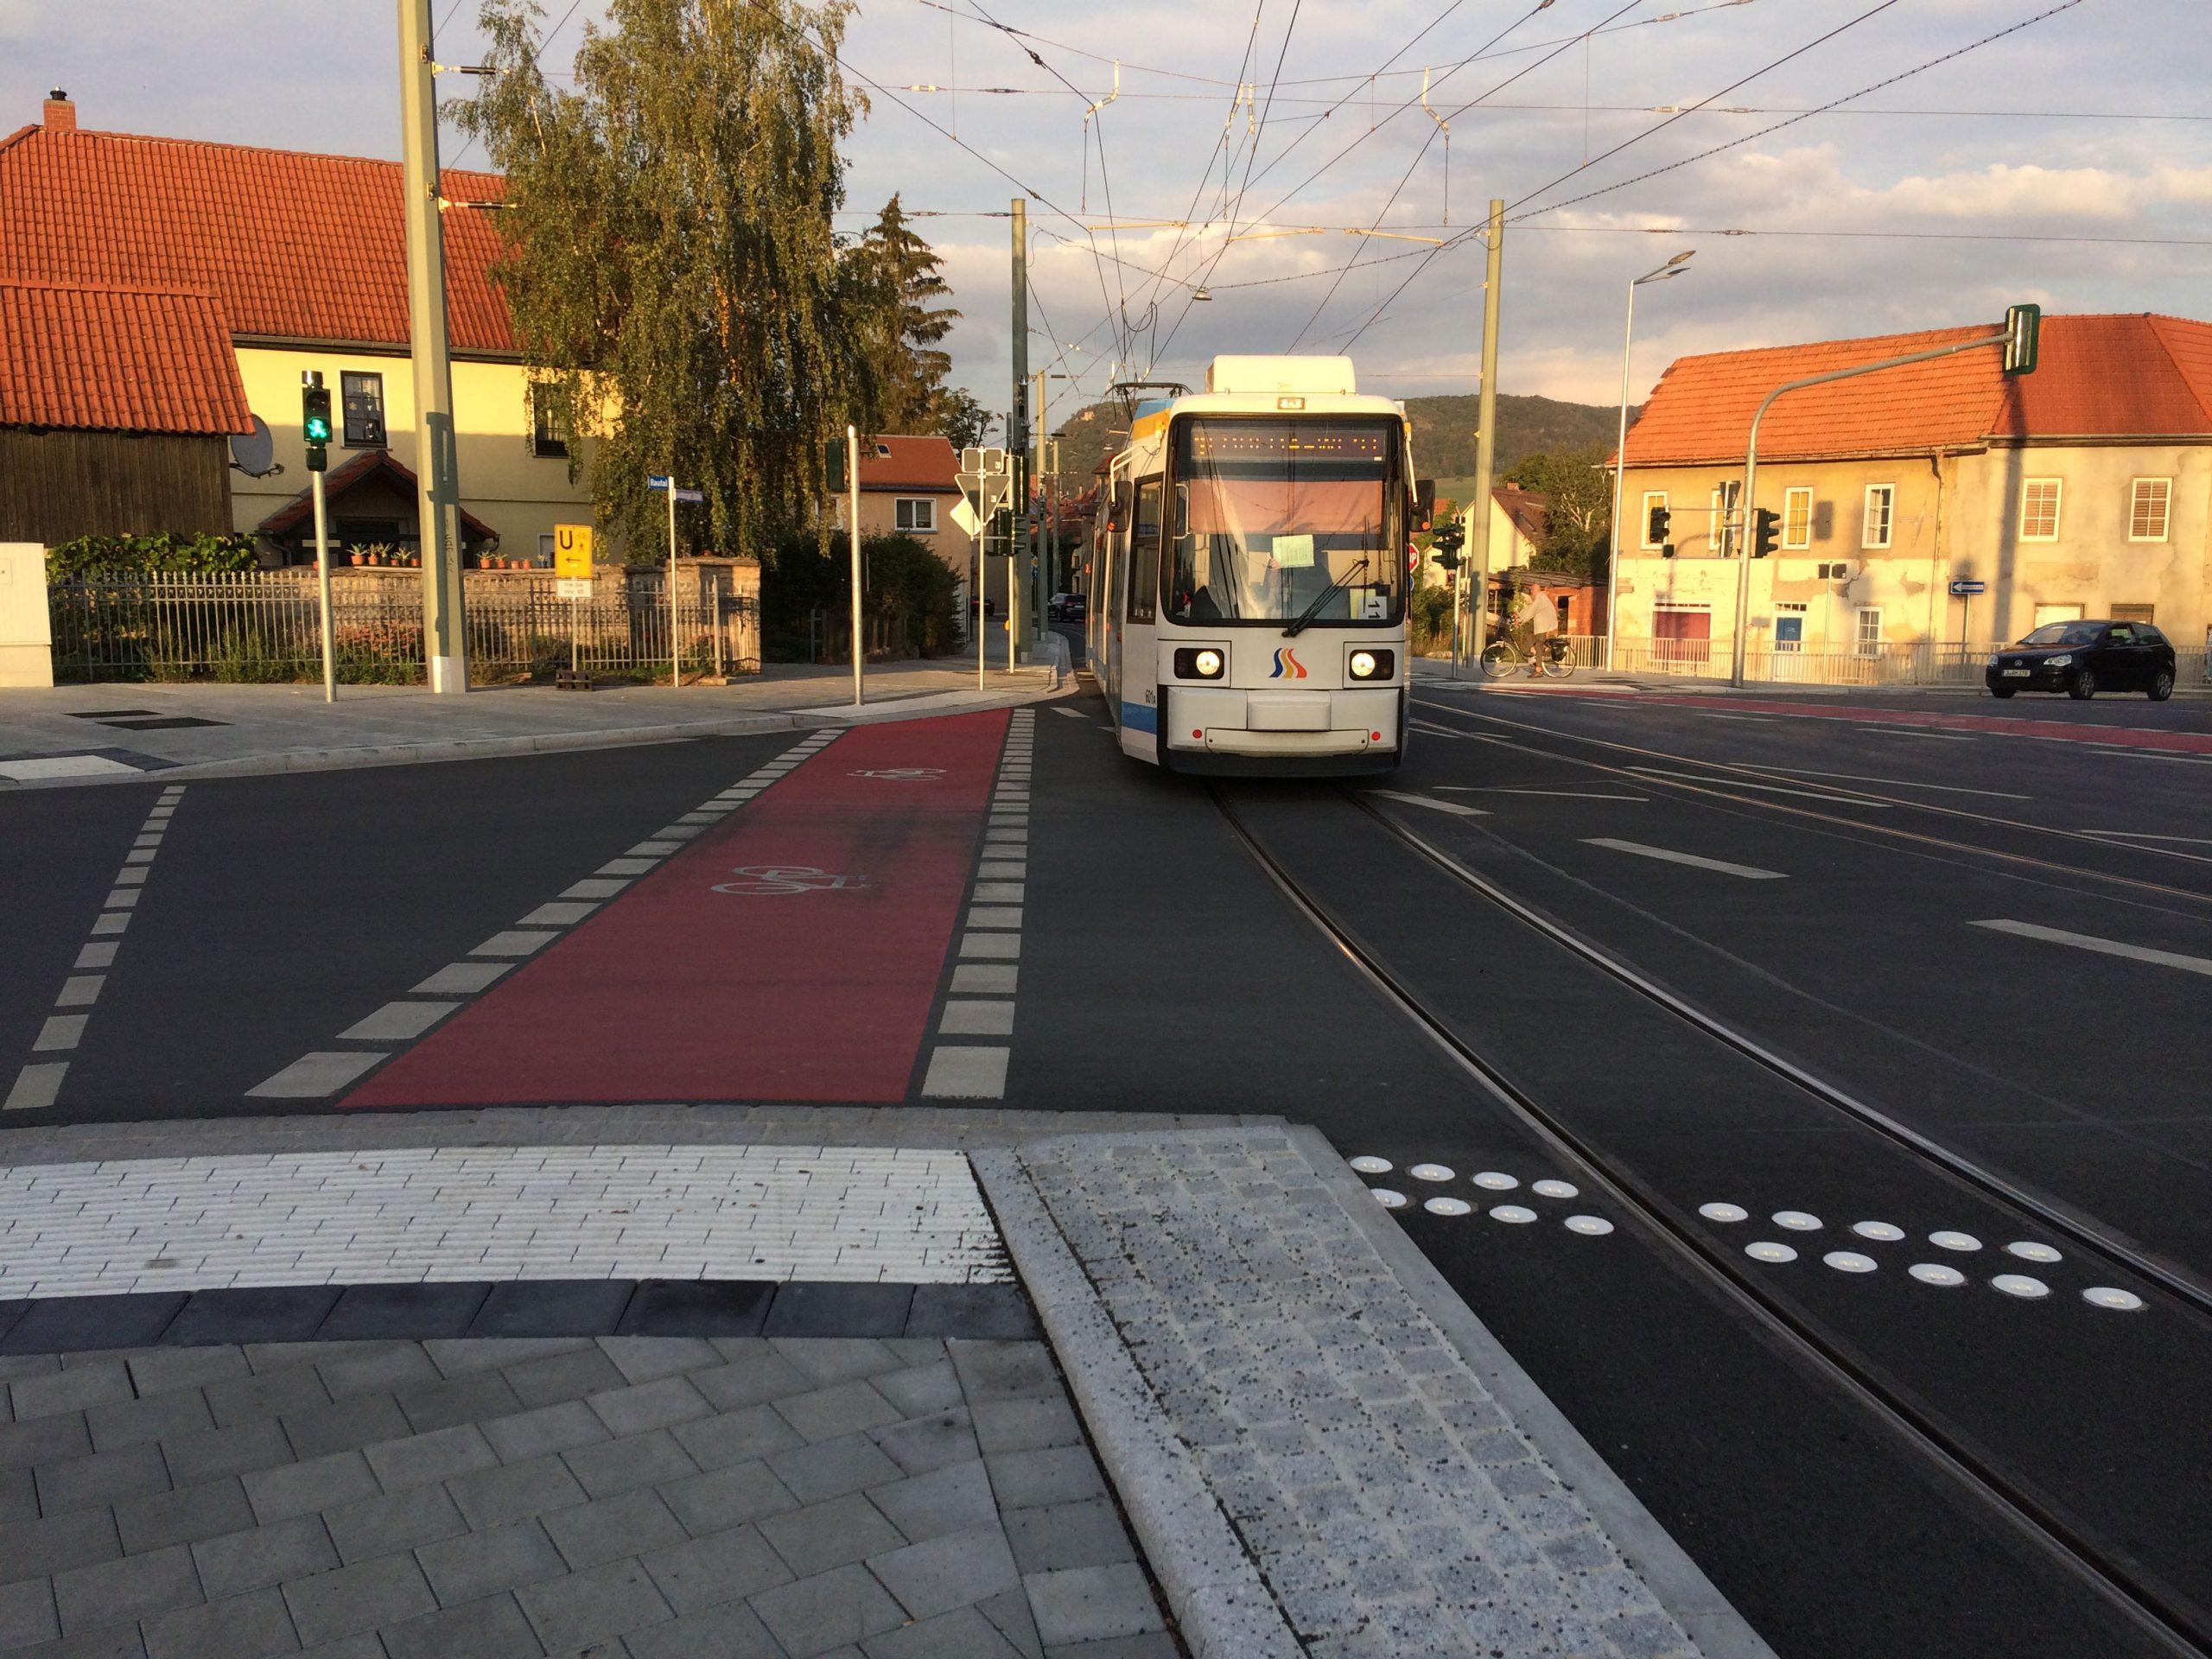 Straßenbahn in Jena auf dem Weg nach Zwätzen fährt entlang der neuen Gleisstrecke